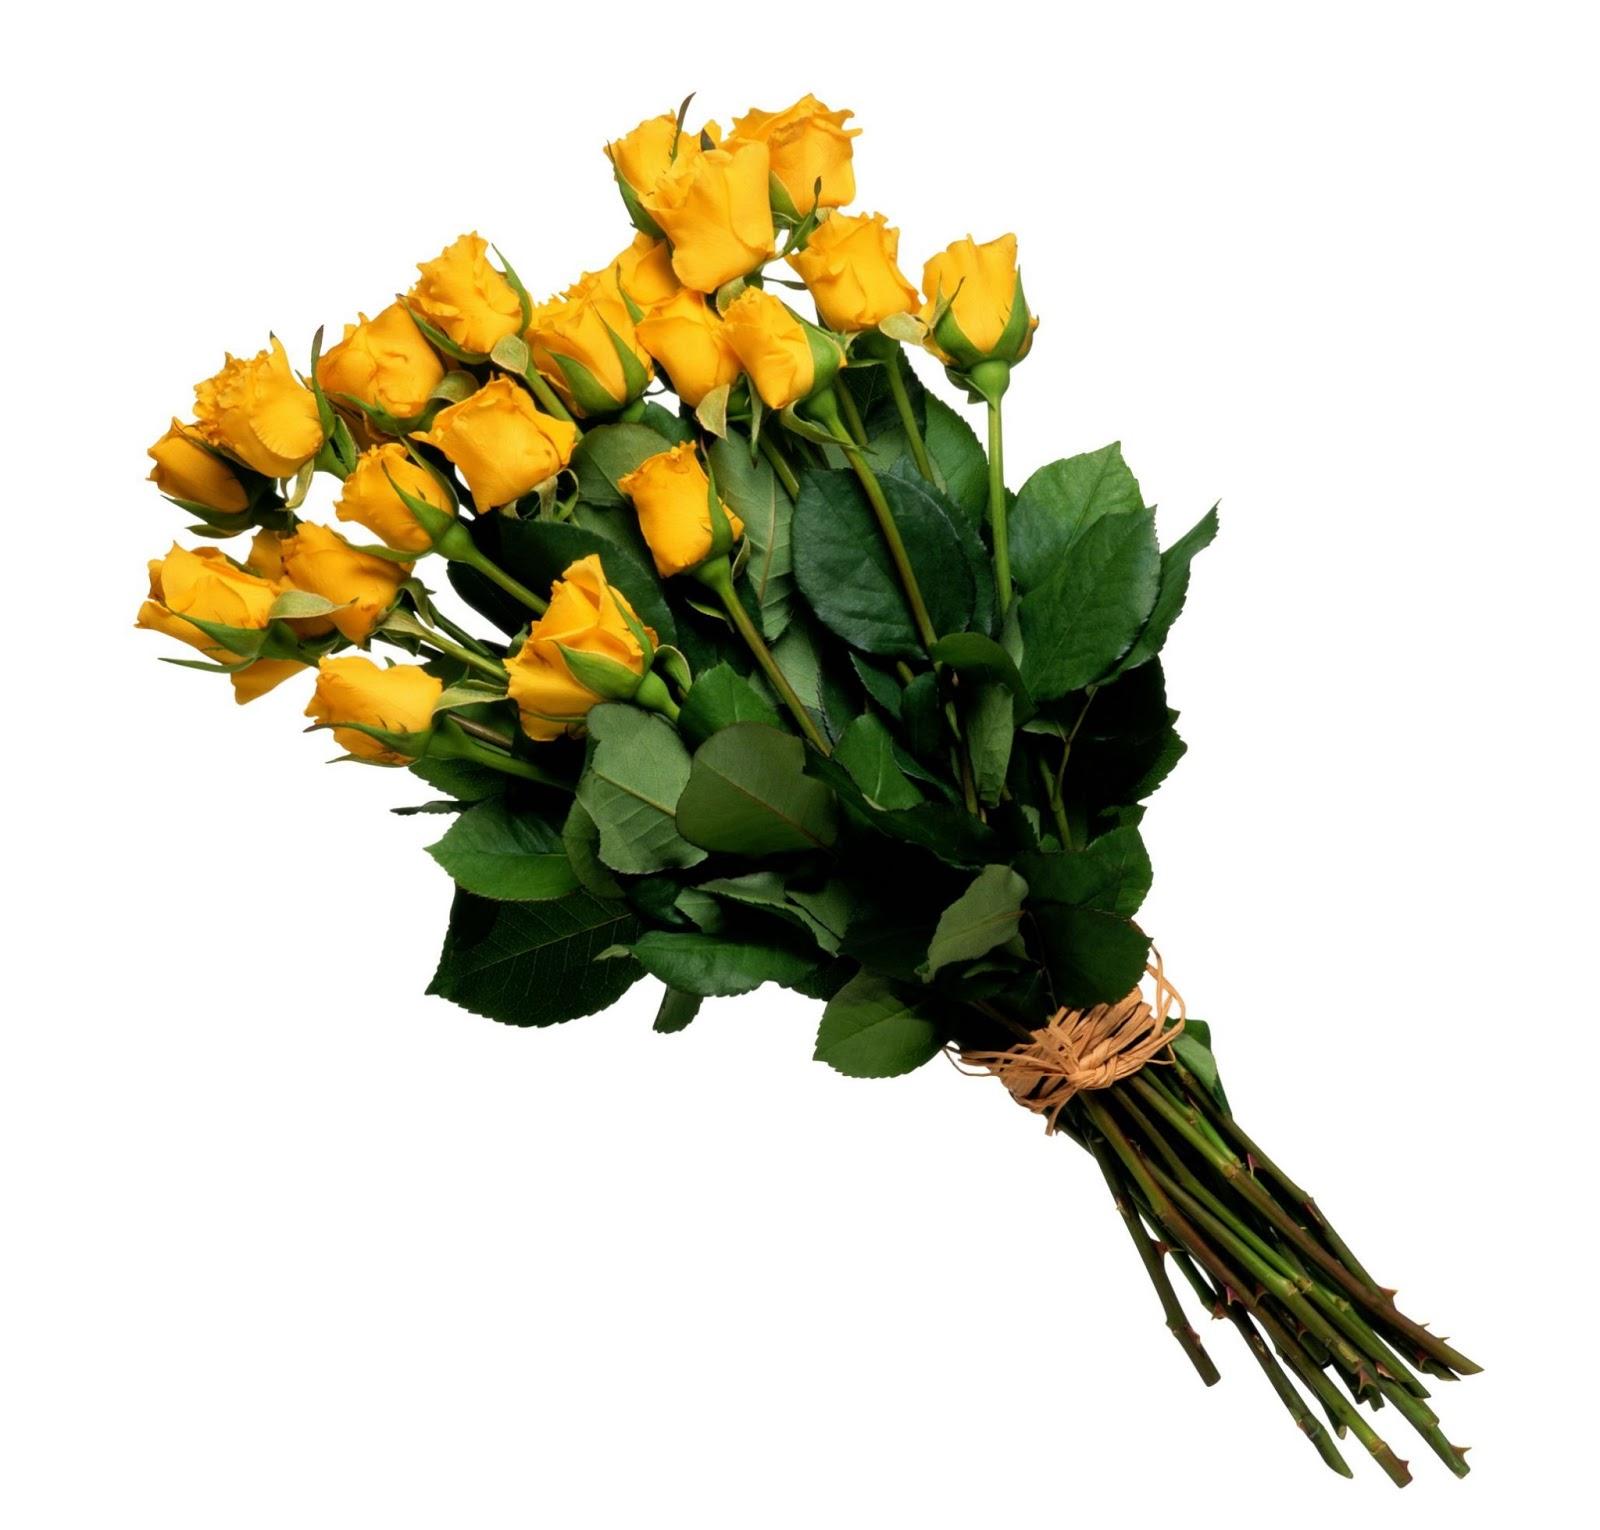 10 fotos de ramos de flores para admirar y compartir